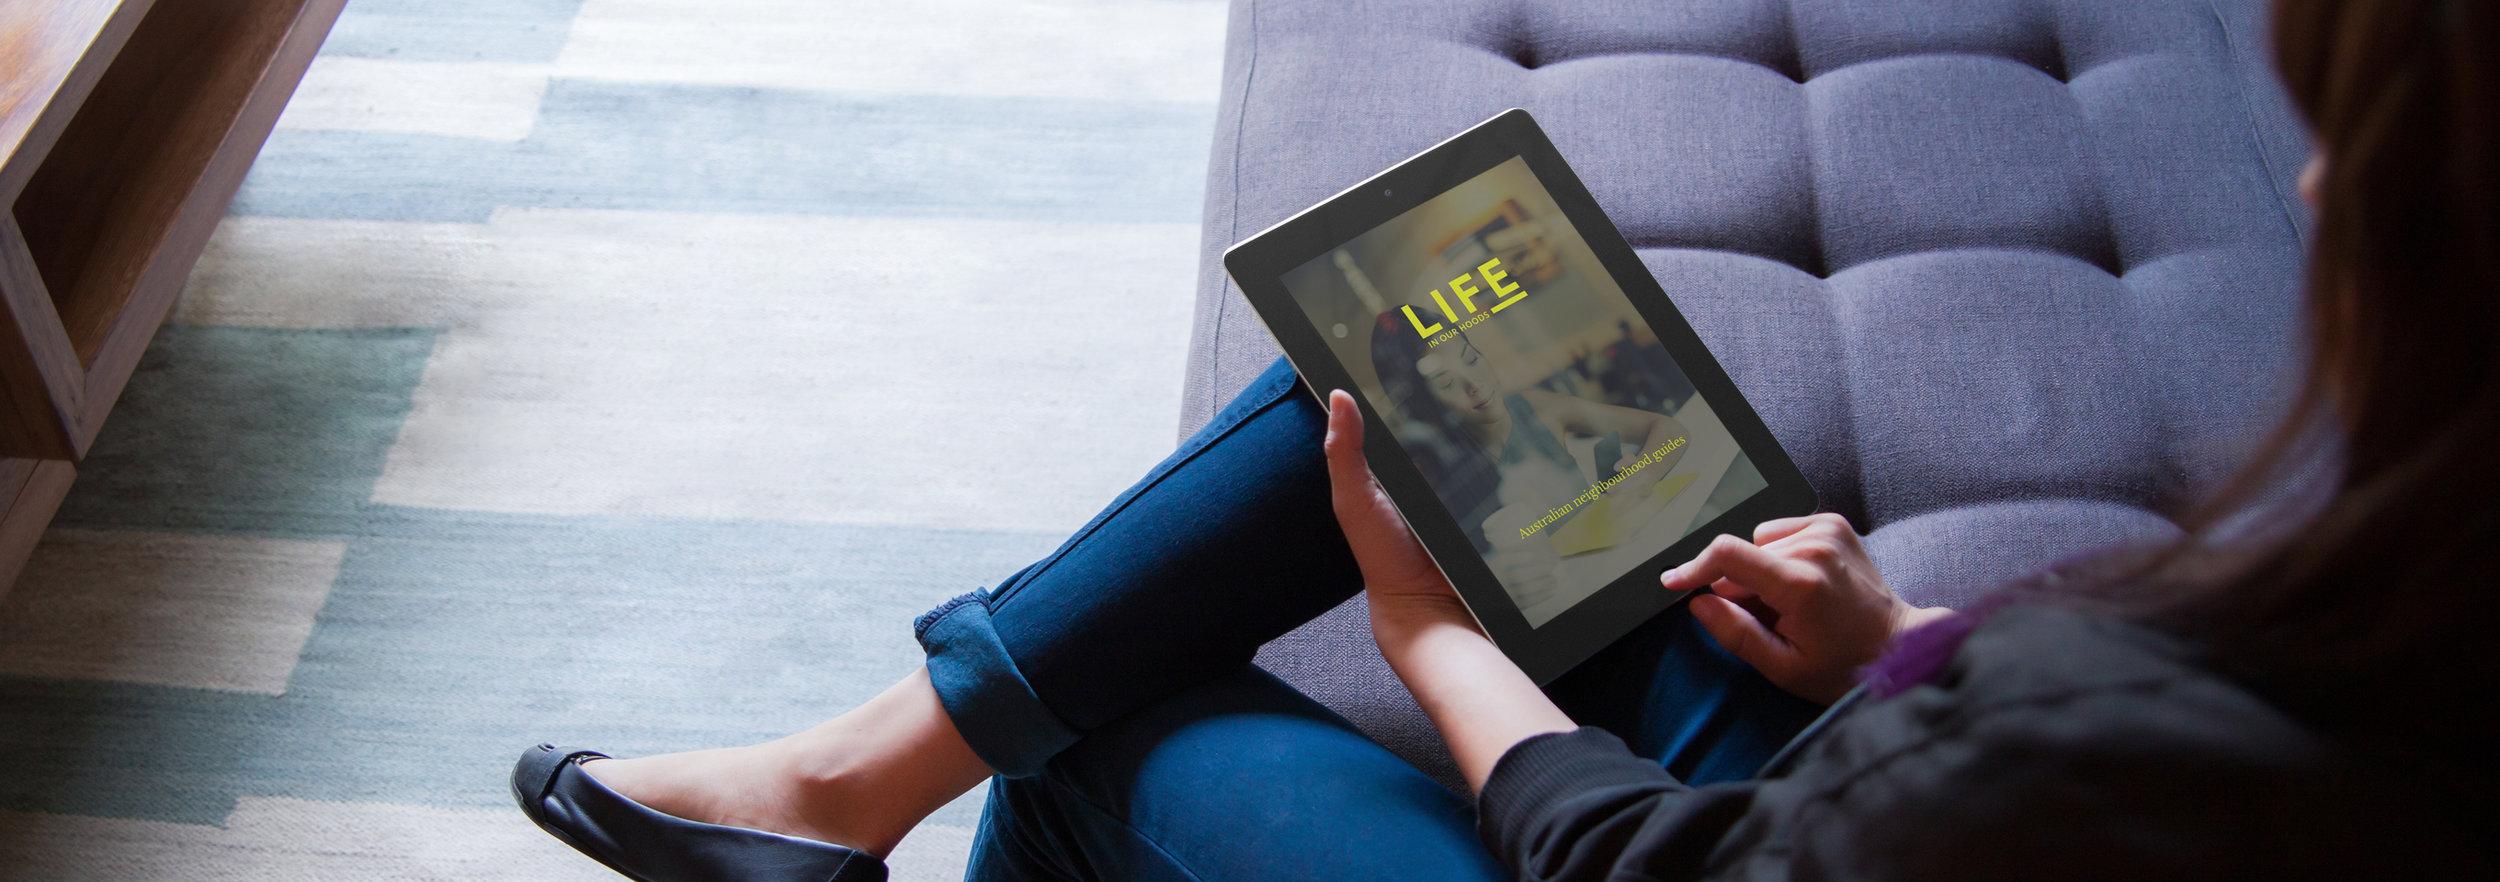 Life In Our Hoods ebook sofa.jpg